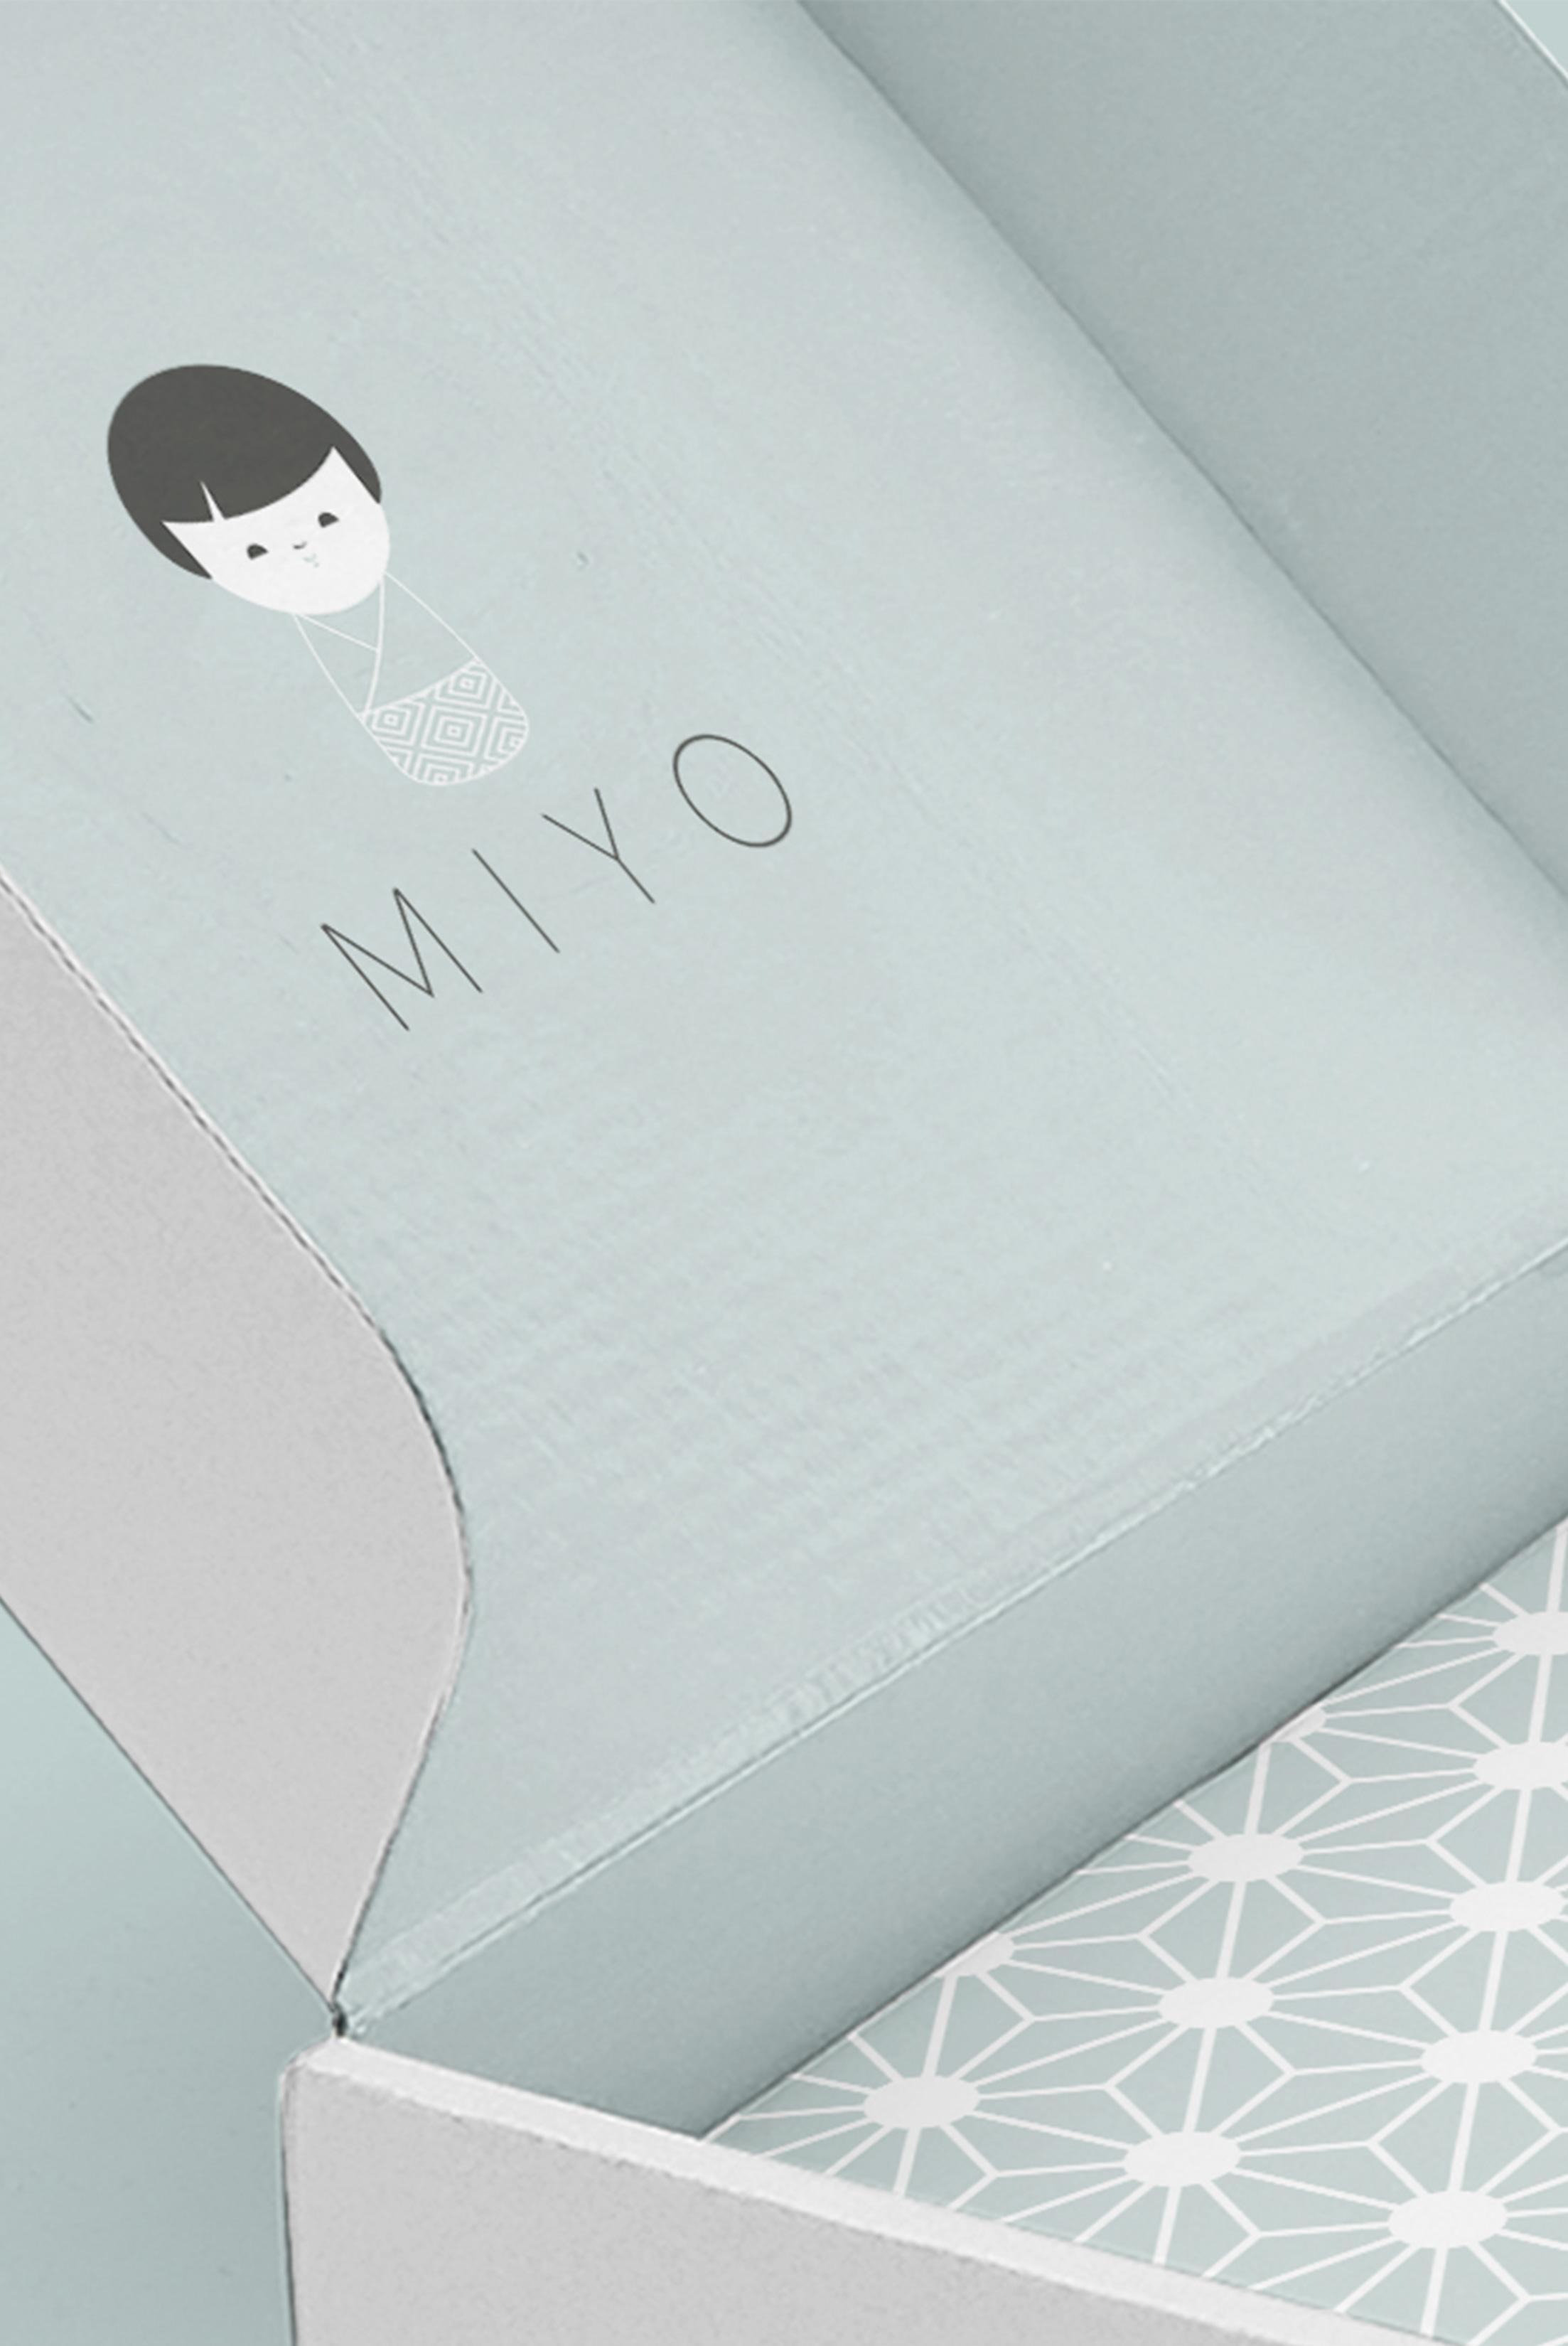 Miyo Branding Box